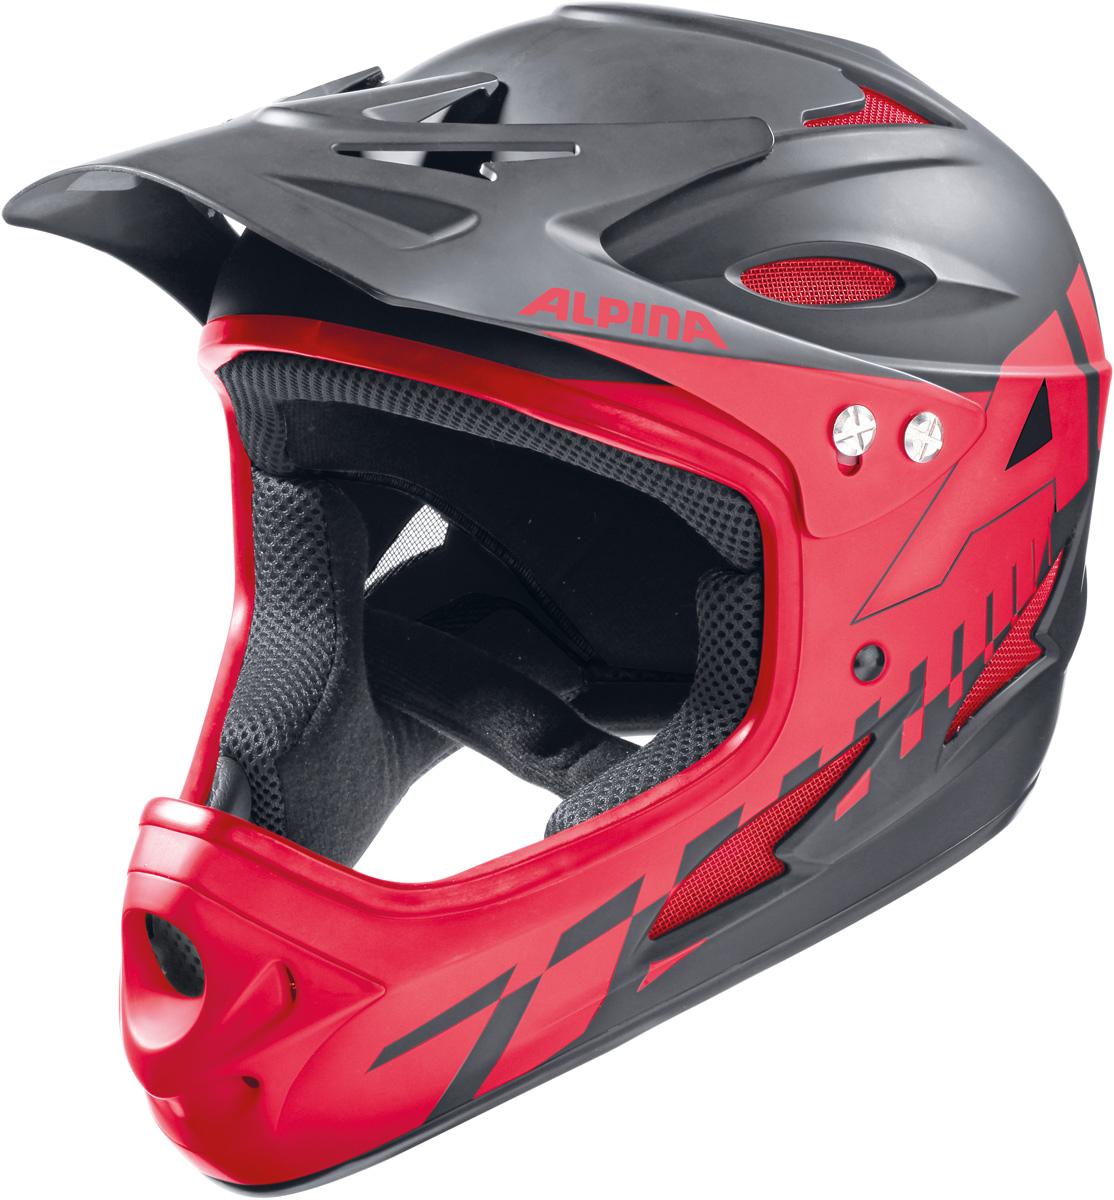 """Шлем горнолыжный Alpina """"Fullface"""", цвет: черный, красный. A9689_32. Размер 57-58"""